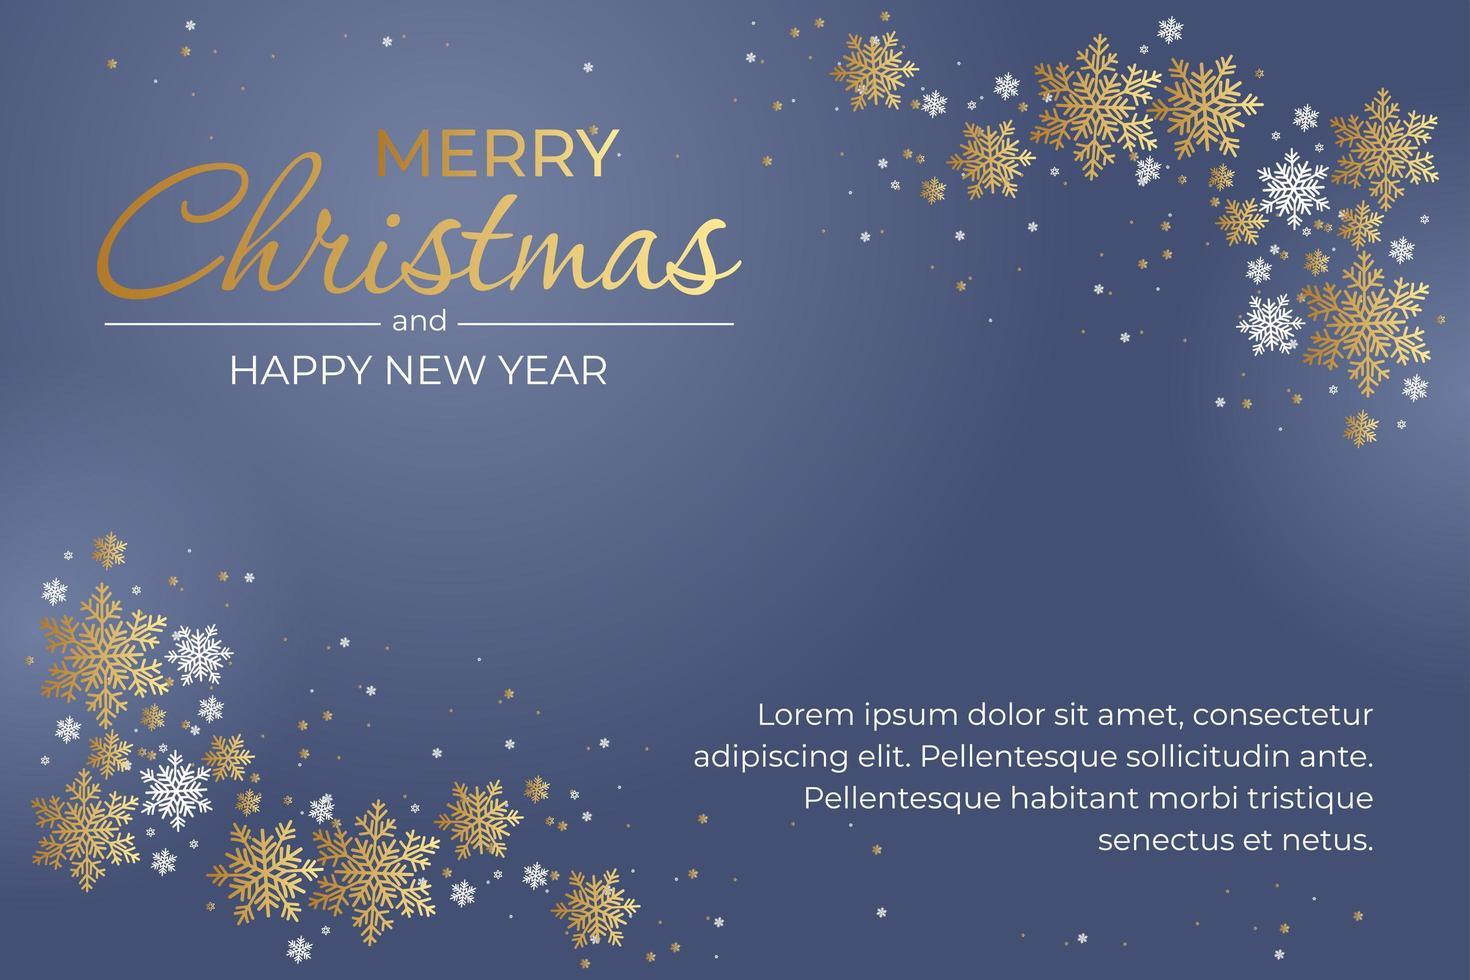 Frohe Weihnachten Grußkarte mit Schneeflocken auf blau vektor